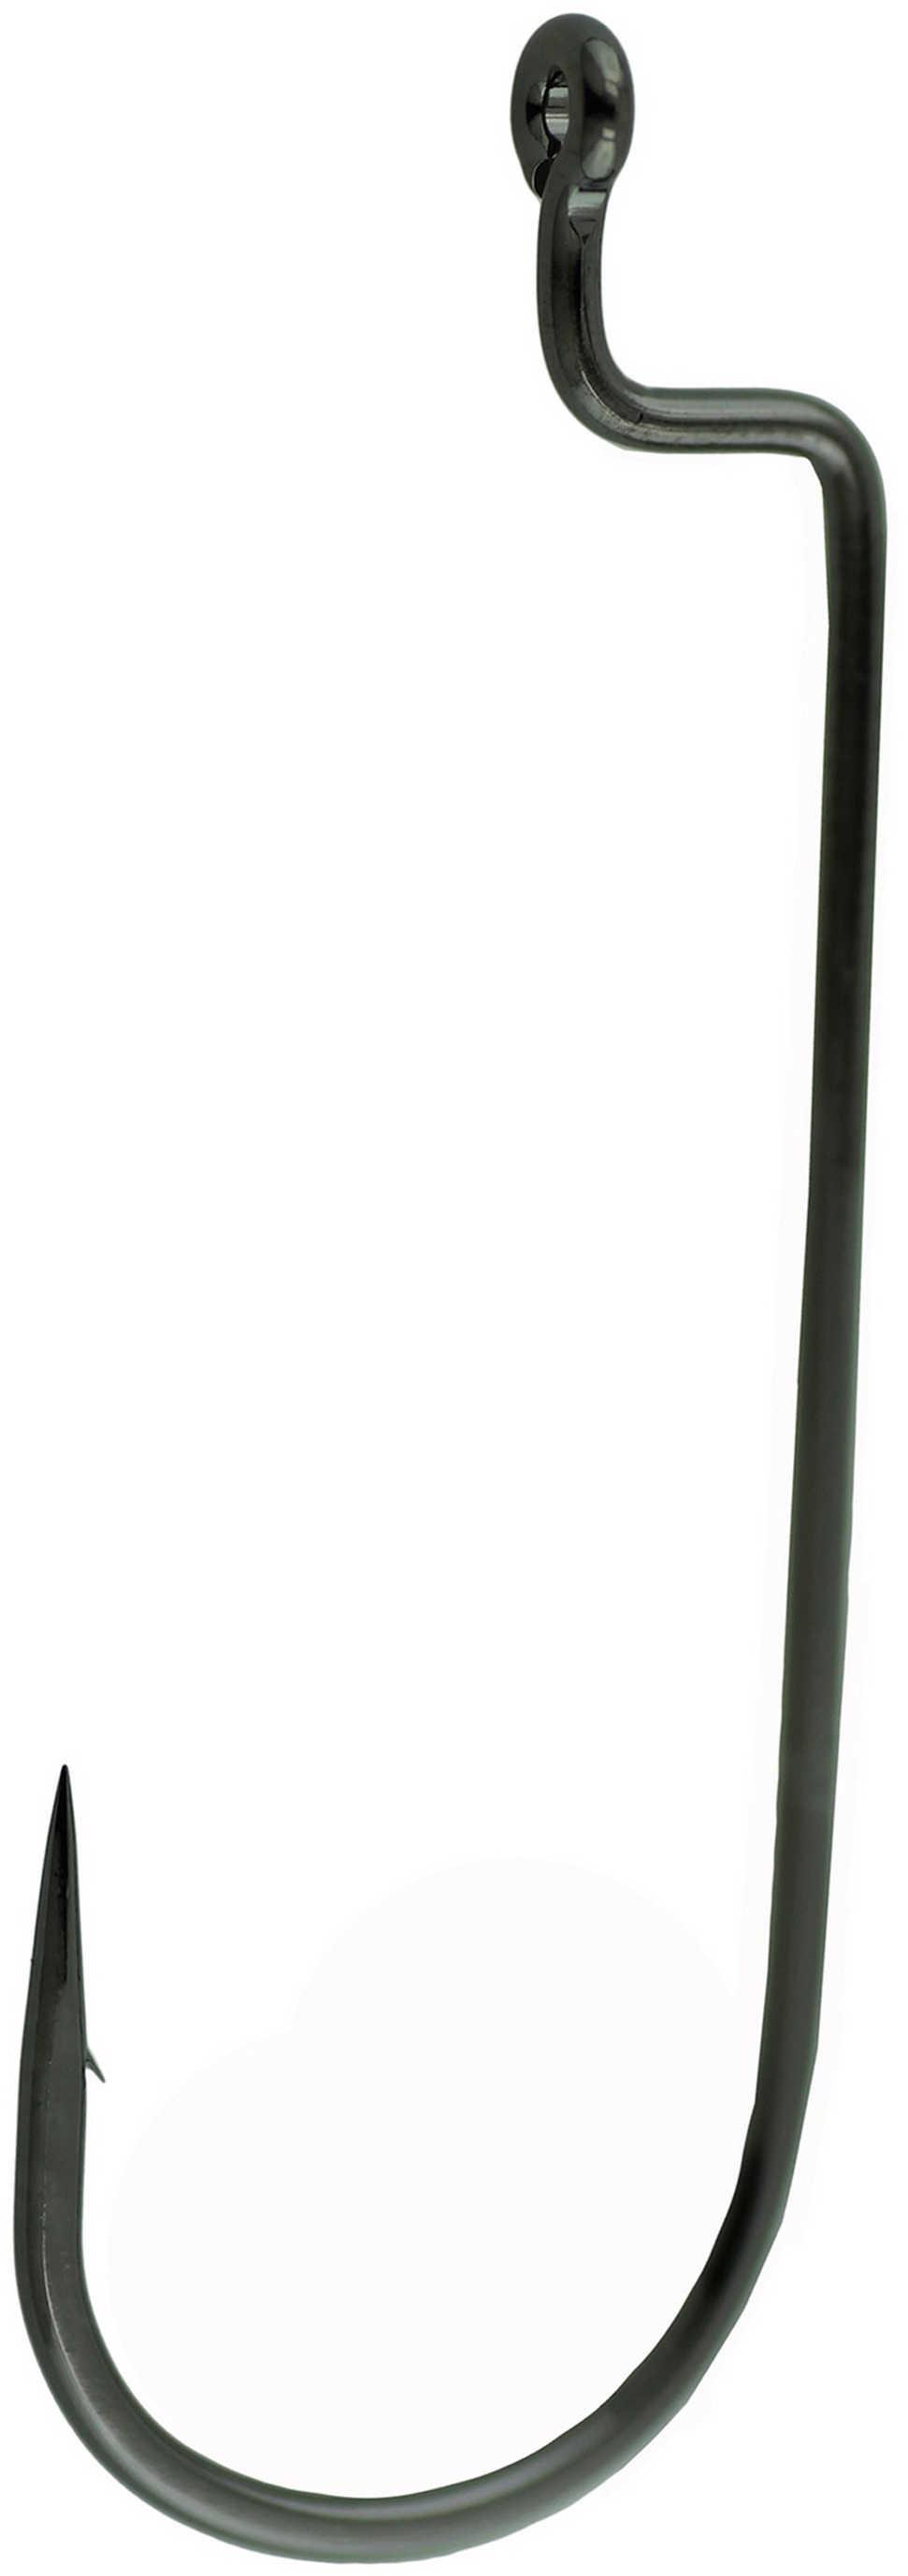 Gamakatsu / Spro Gamakatsu Worm Hook Wide Black Offset 25Pk 5/0 Md#: 54415-25